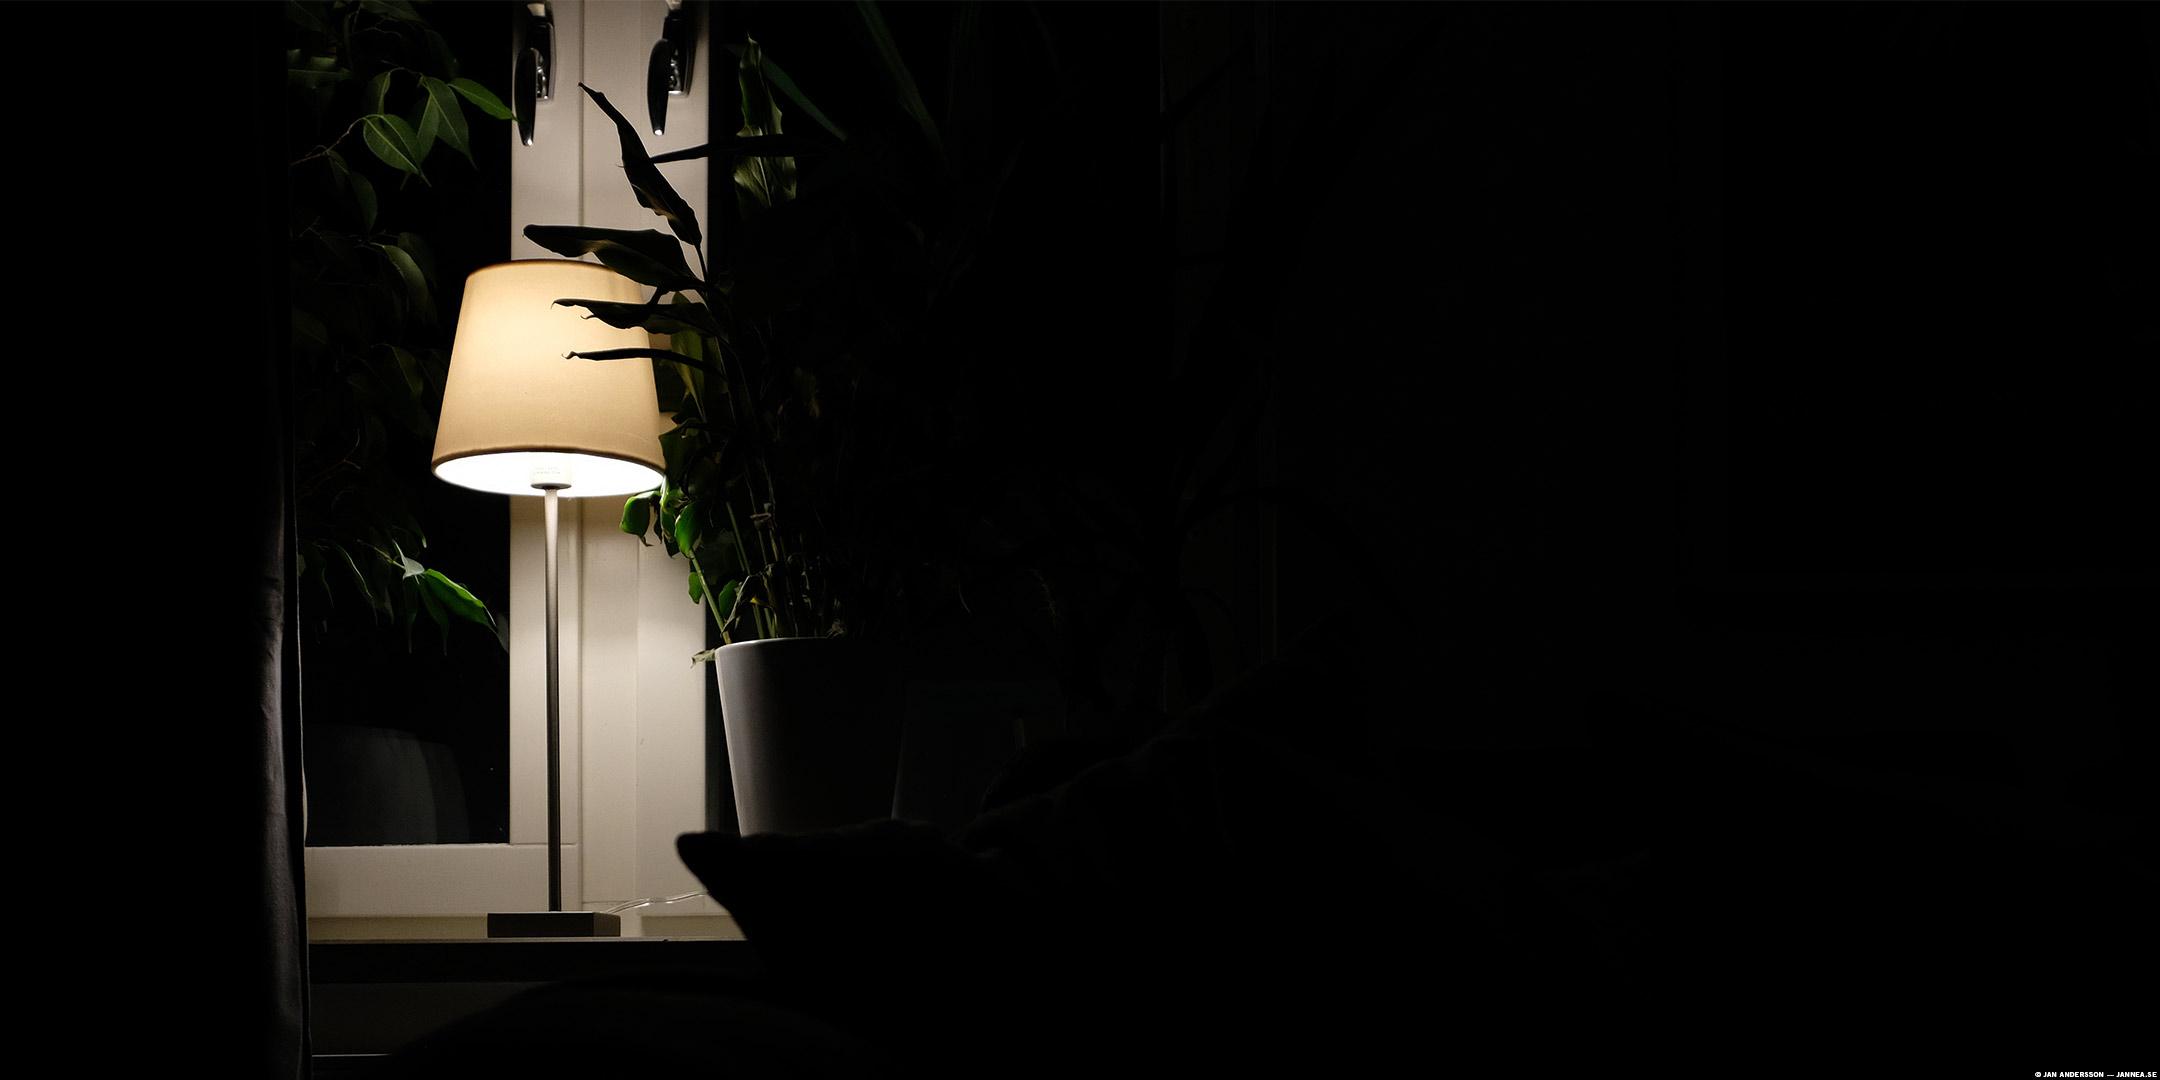 Dåligt ljus i ett mörkt rum fungerar också som test  © Jan Andersson